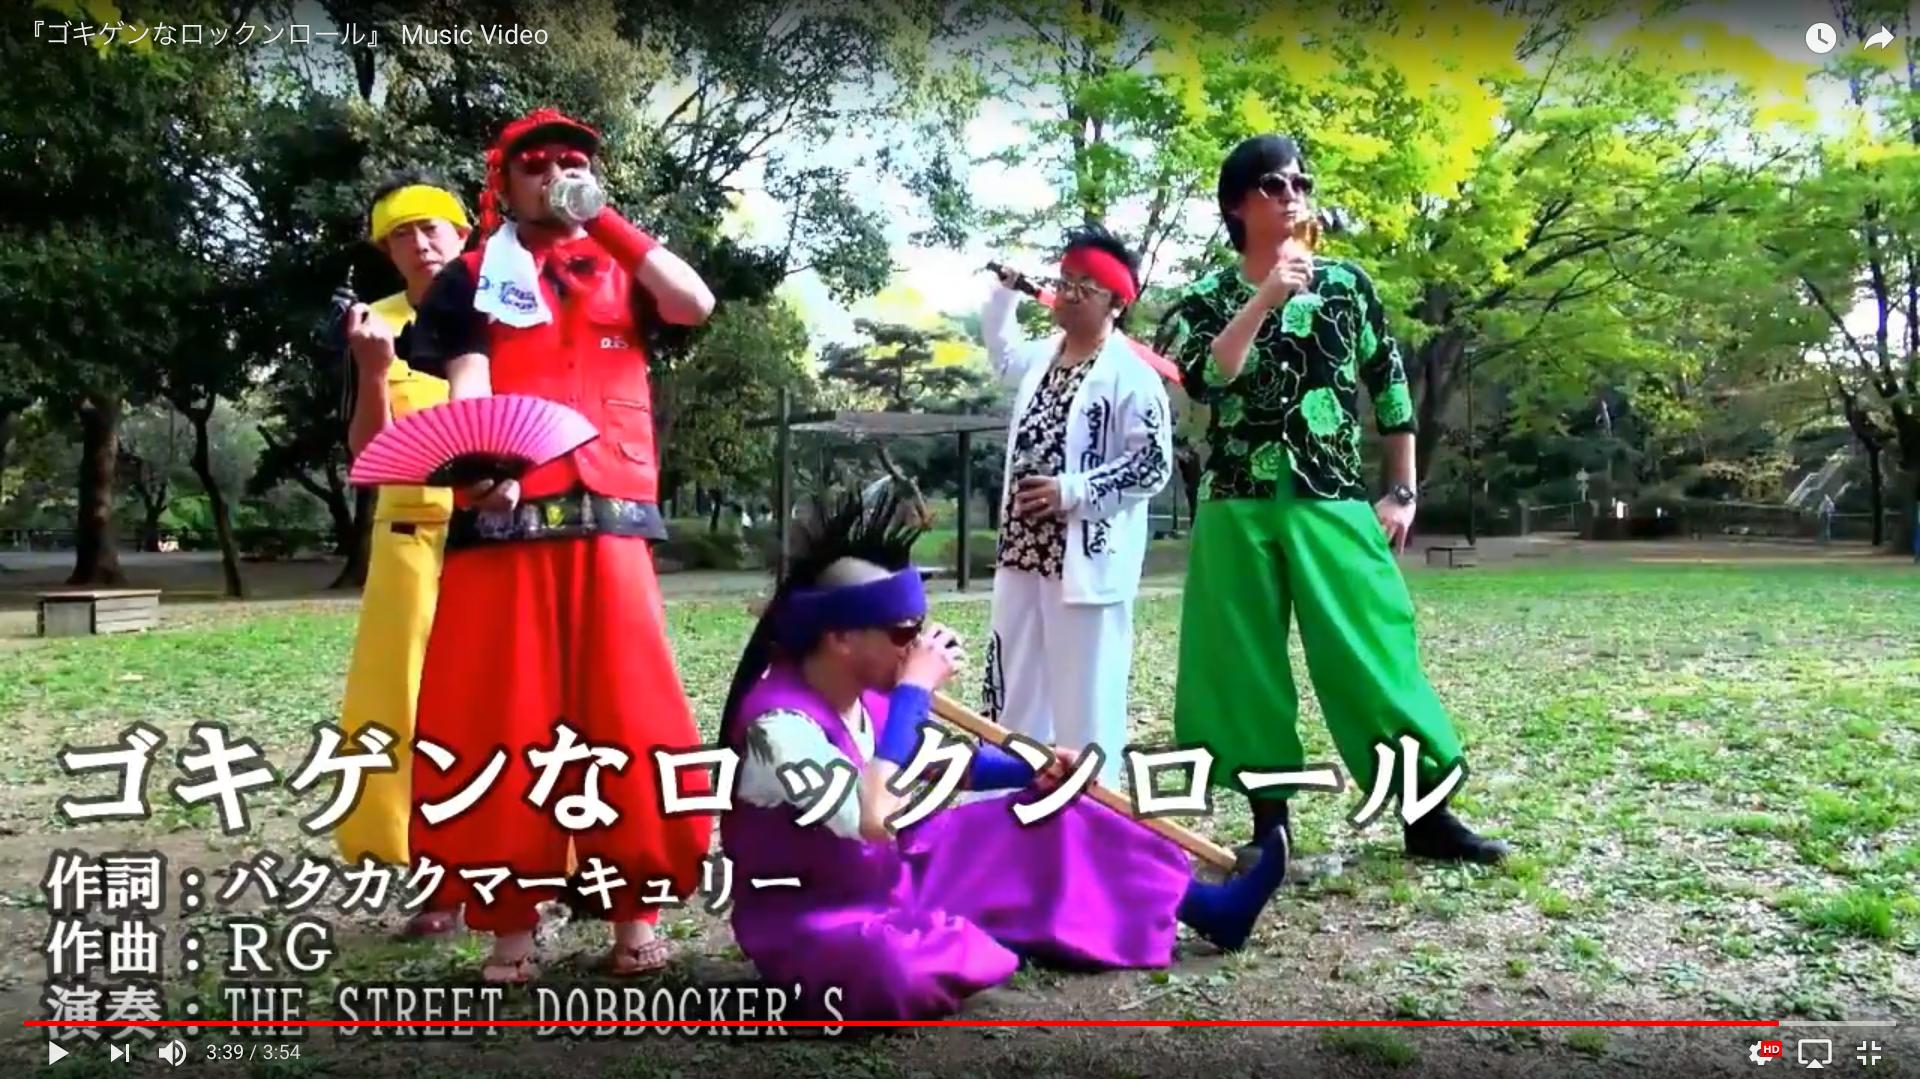 Music Video「ゴキゲンなロックンロール」